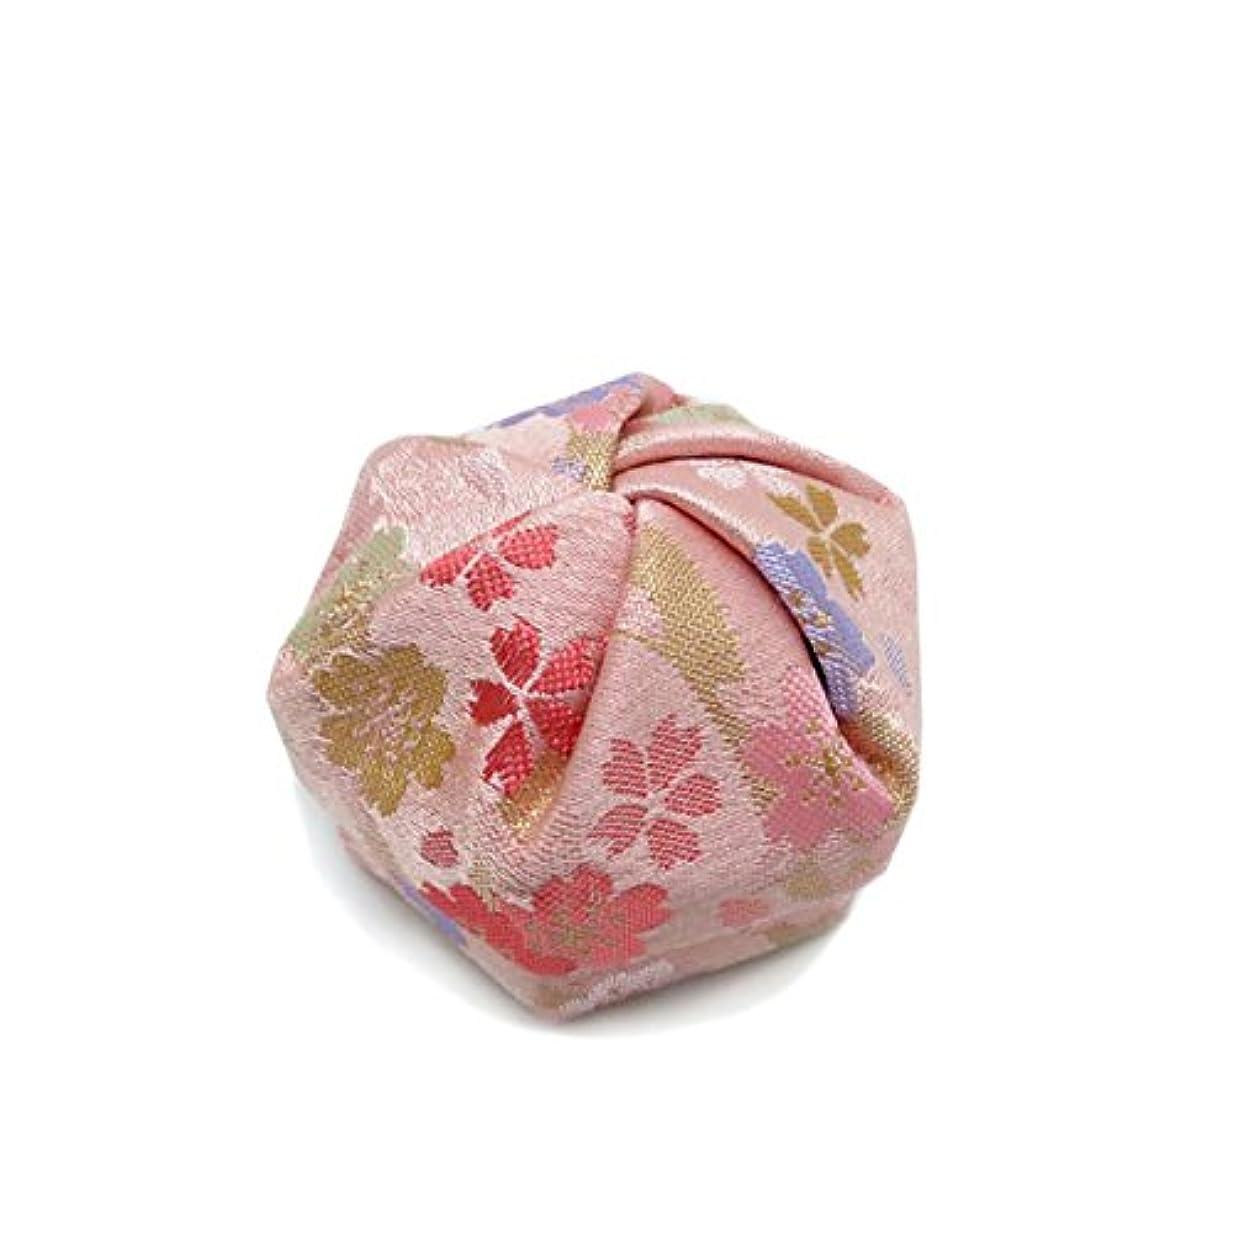 十分です存在ケニア布香盒 ピンク系 紙箱入